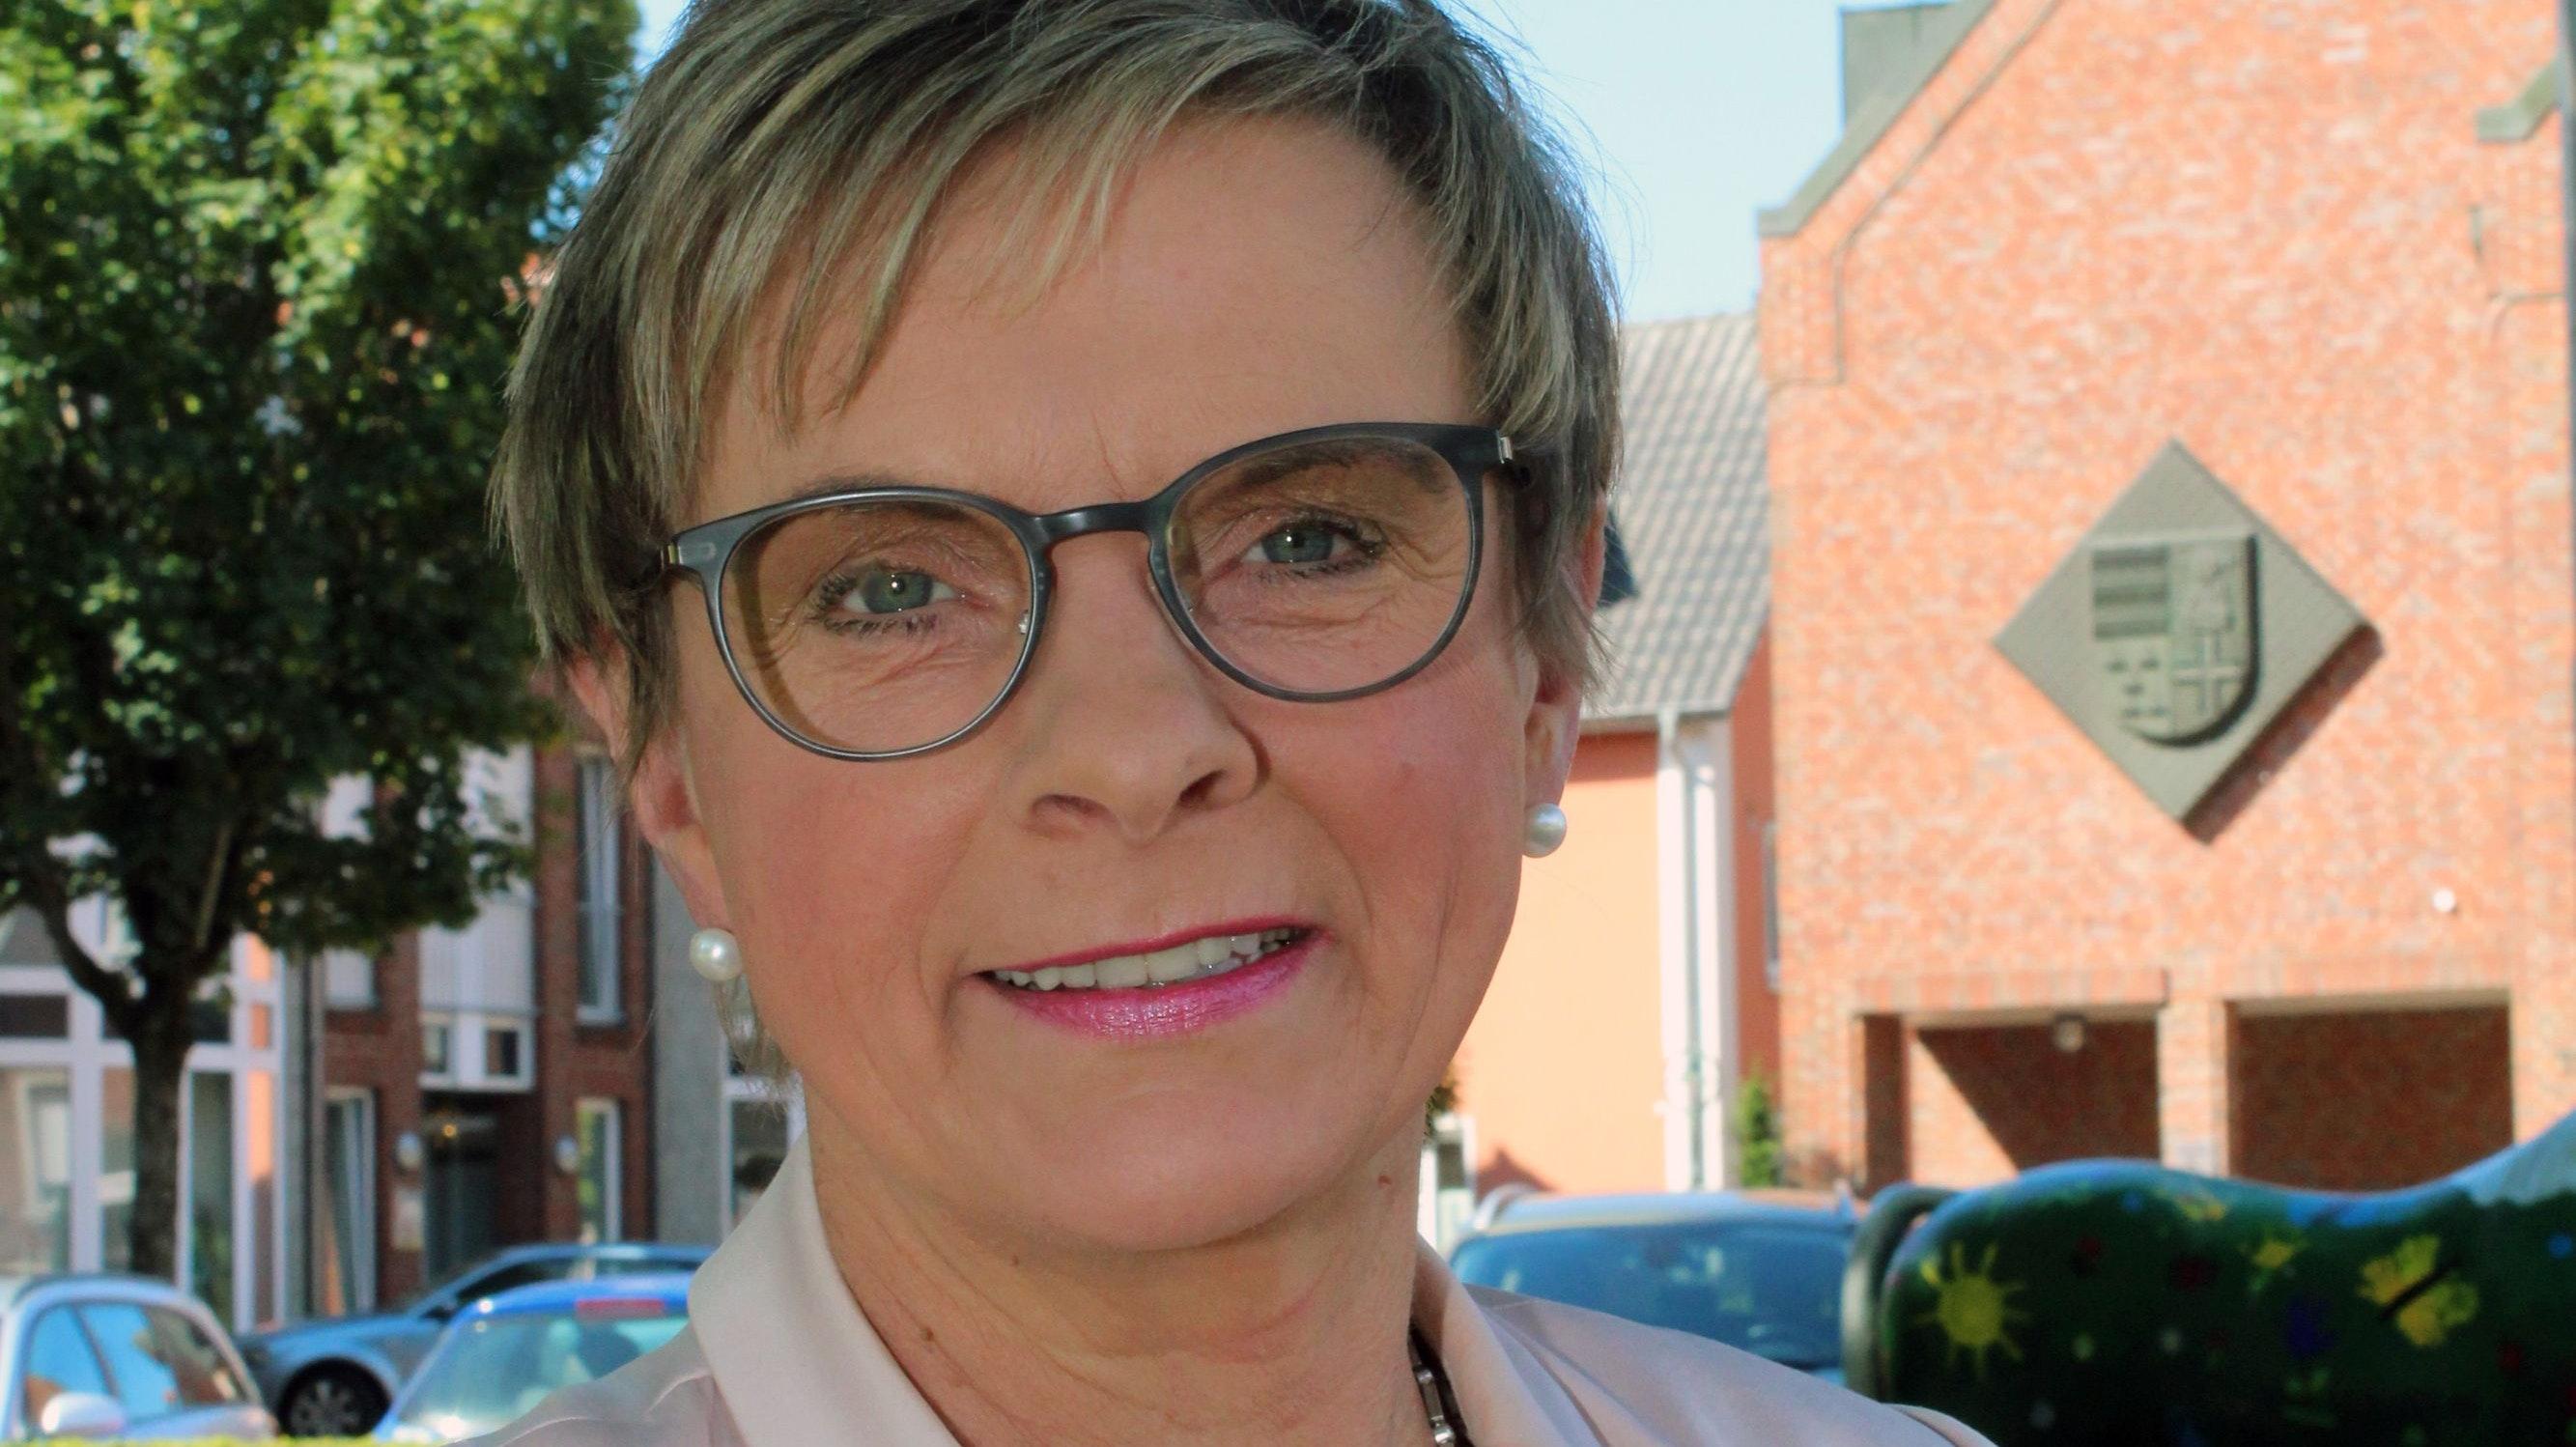 Seit 2006 ist sie Bürgermeisterin der Gemeinde Steinfeld: Manuela Honkomp. Foto: Hoffmann